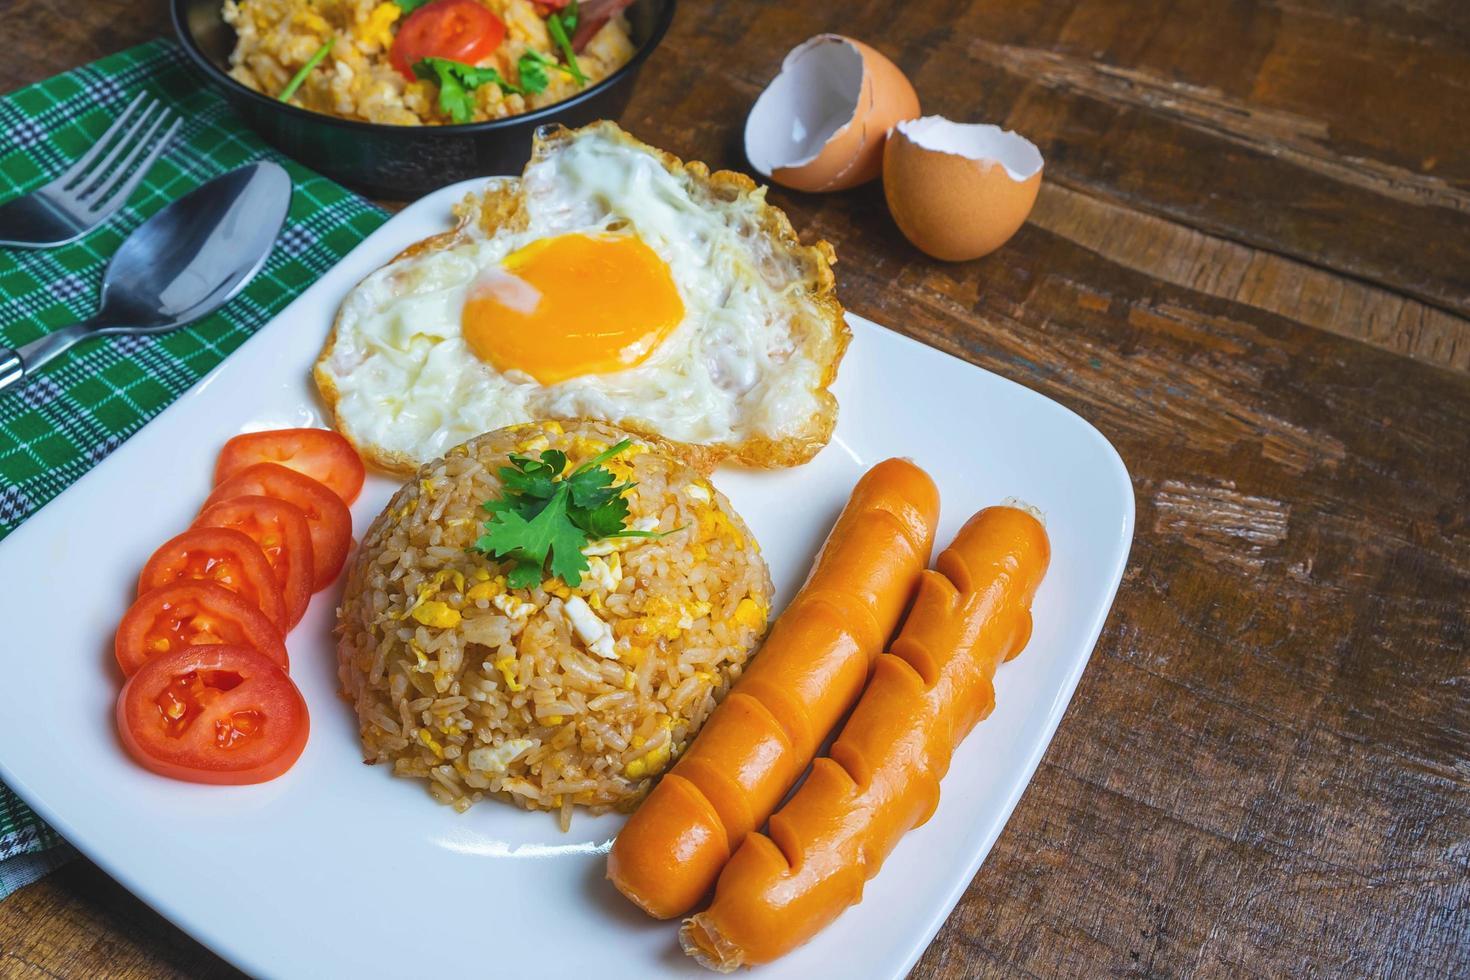 Arroz frito americano servido con huevos fritos y salchichas en la mesa foto